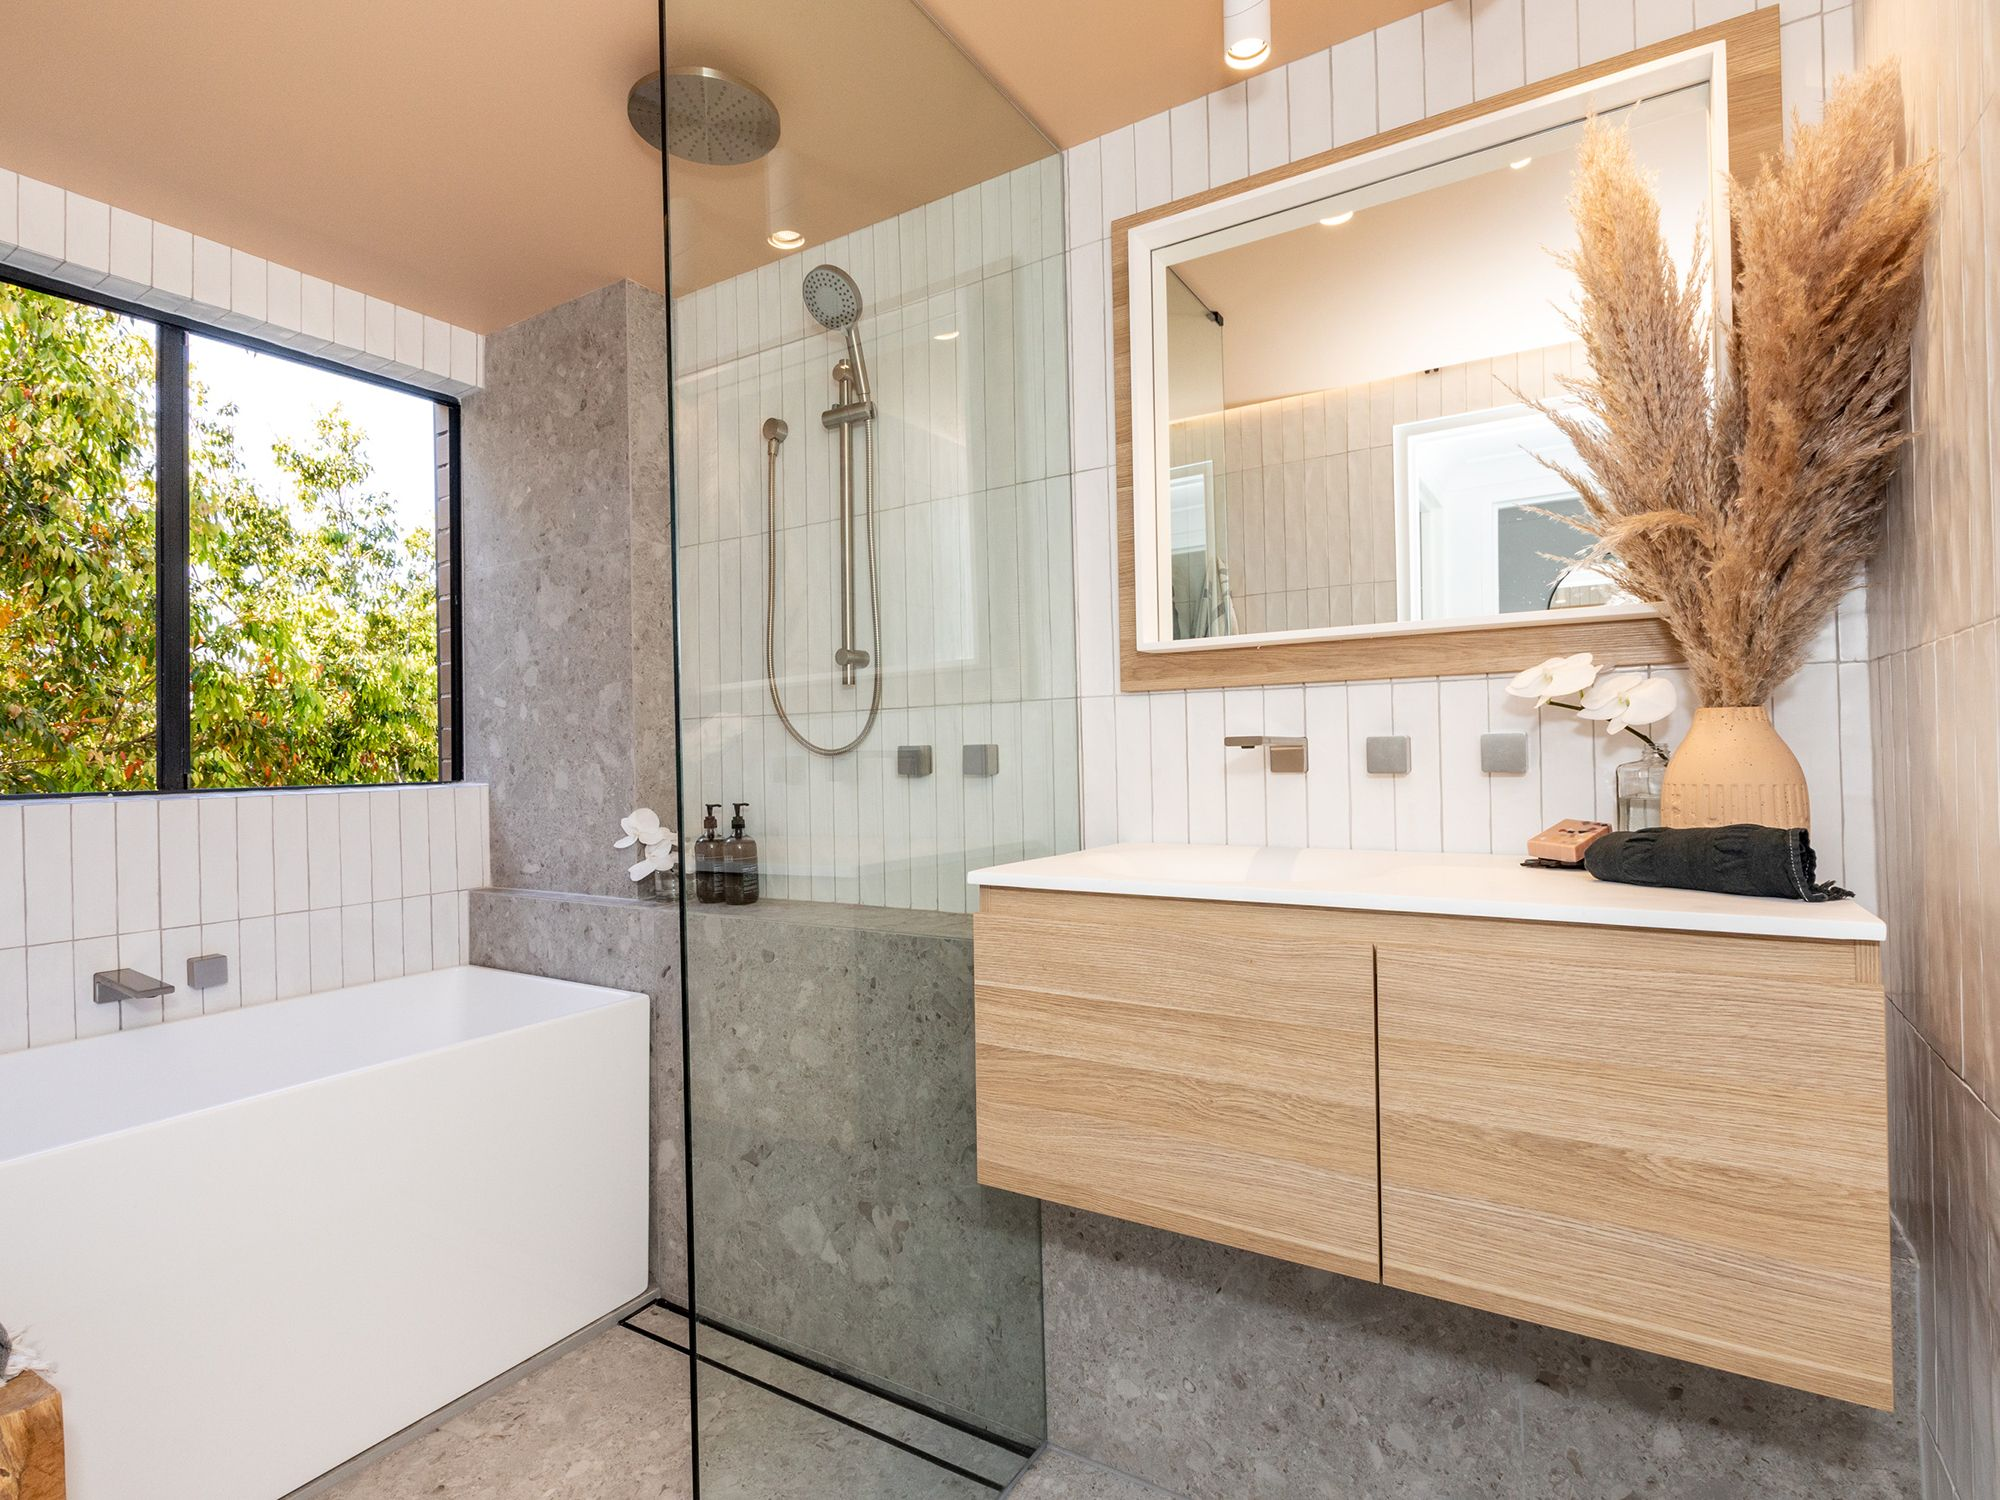 The 10 Commandments of a Bathroom Reno for Resale   Modern bathroom renovations, Bathroom renos ...